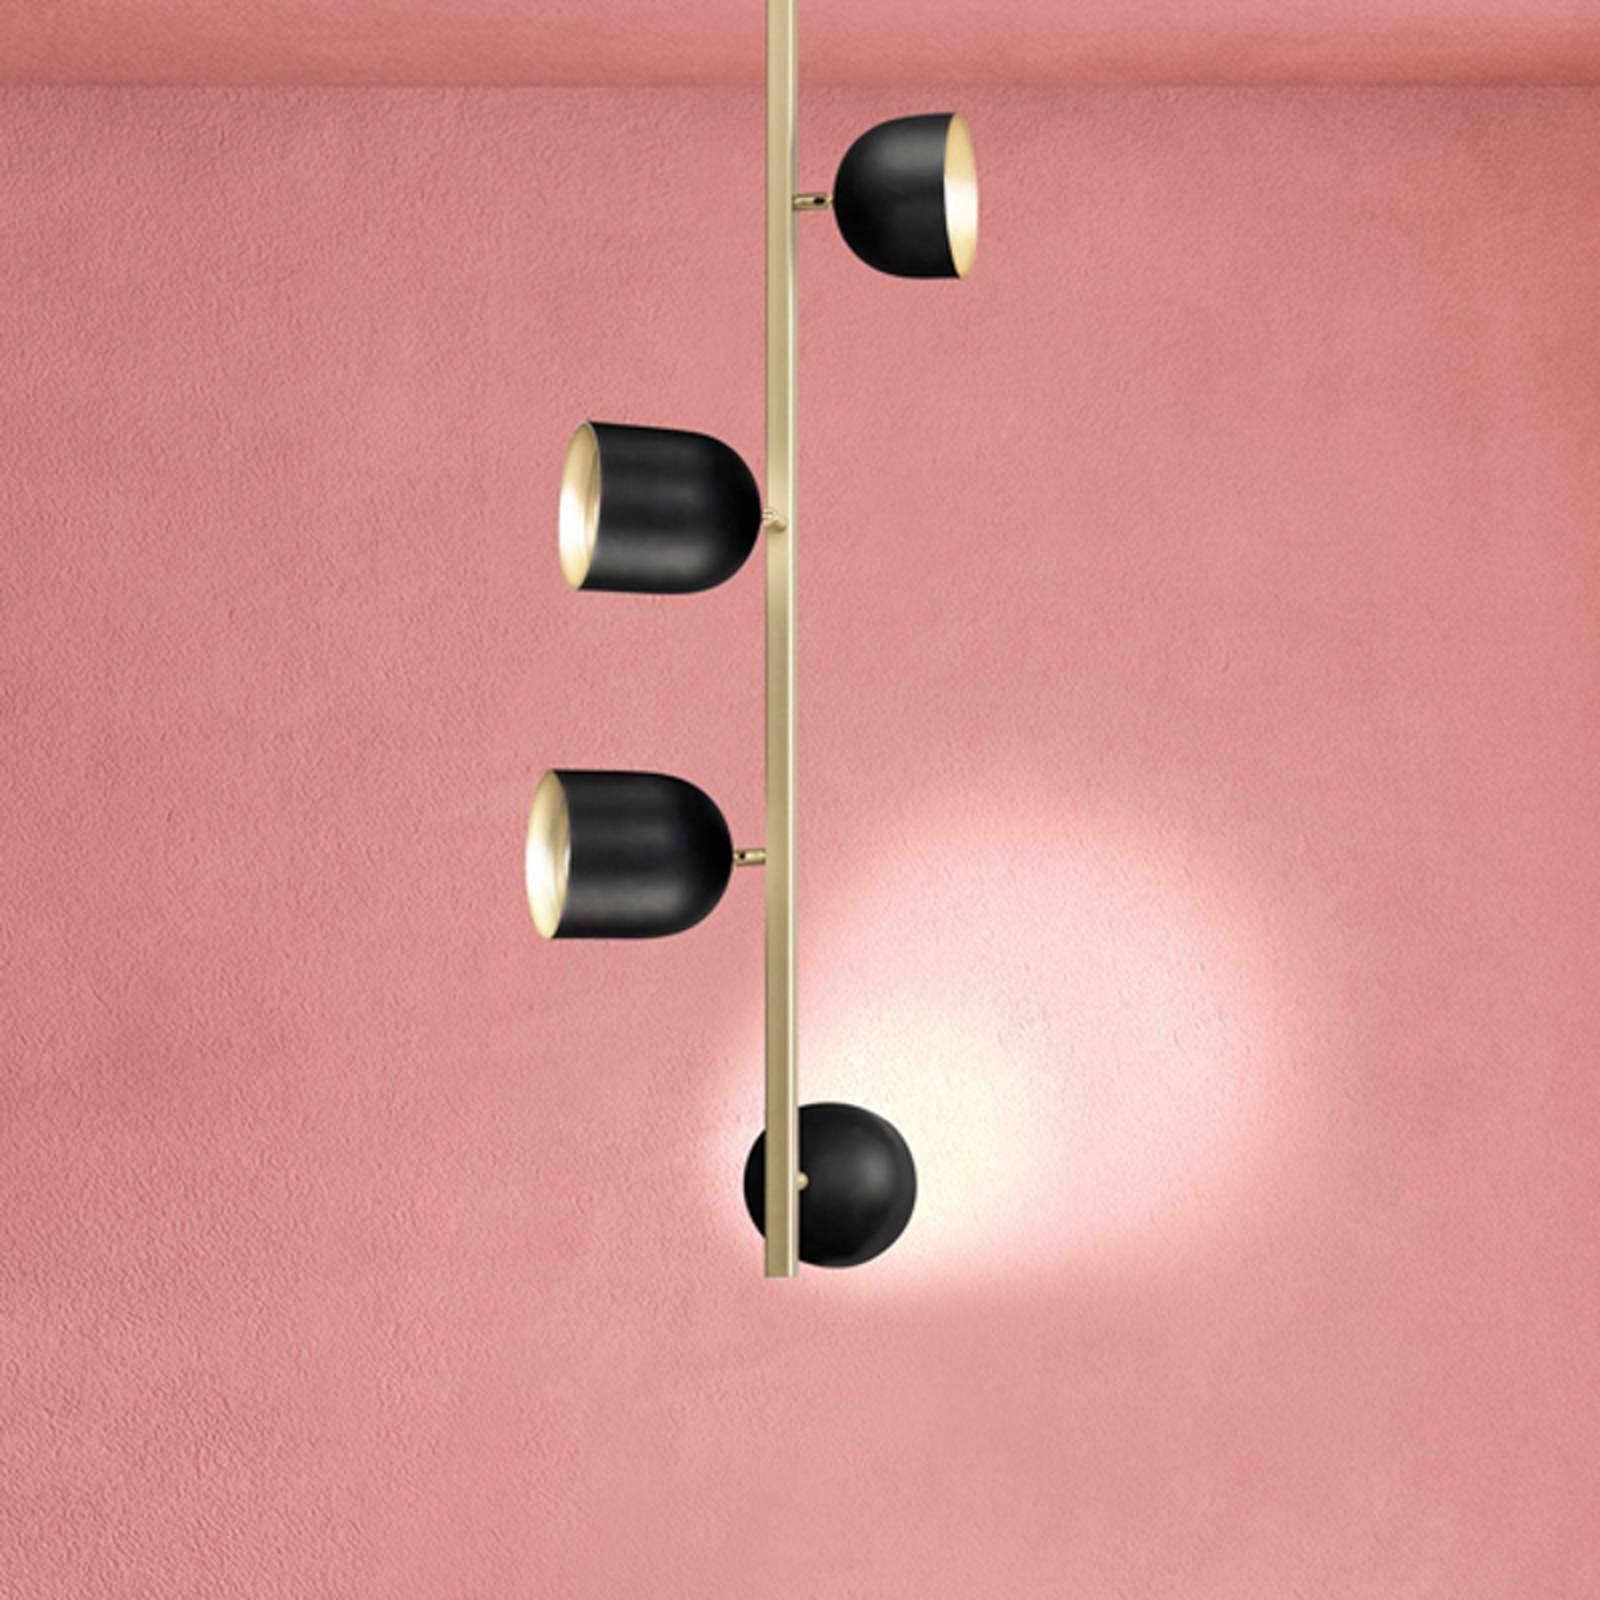 LED-Deckenleuchte Dome, senkrecht, 103cm, schwarz